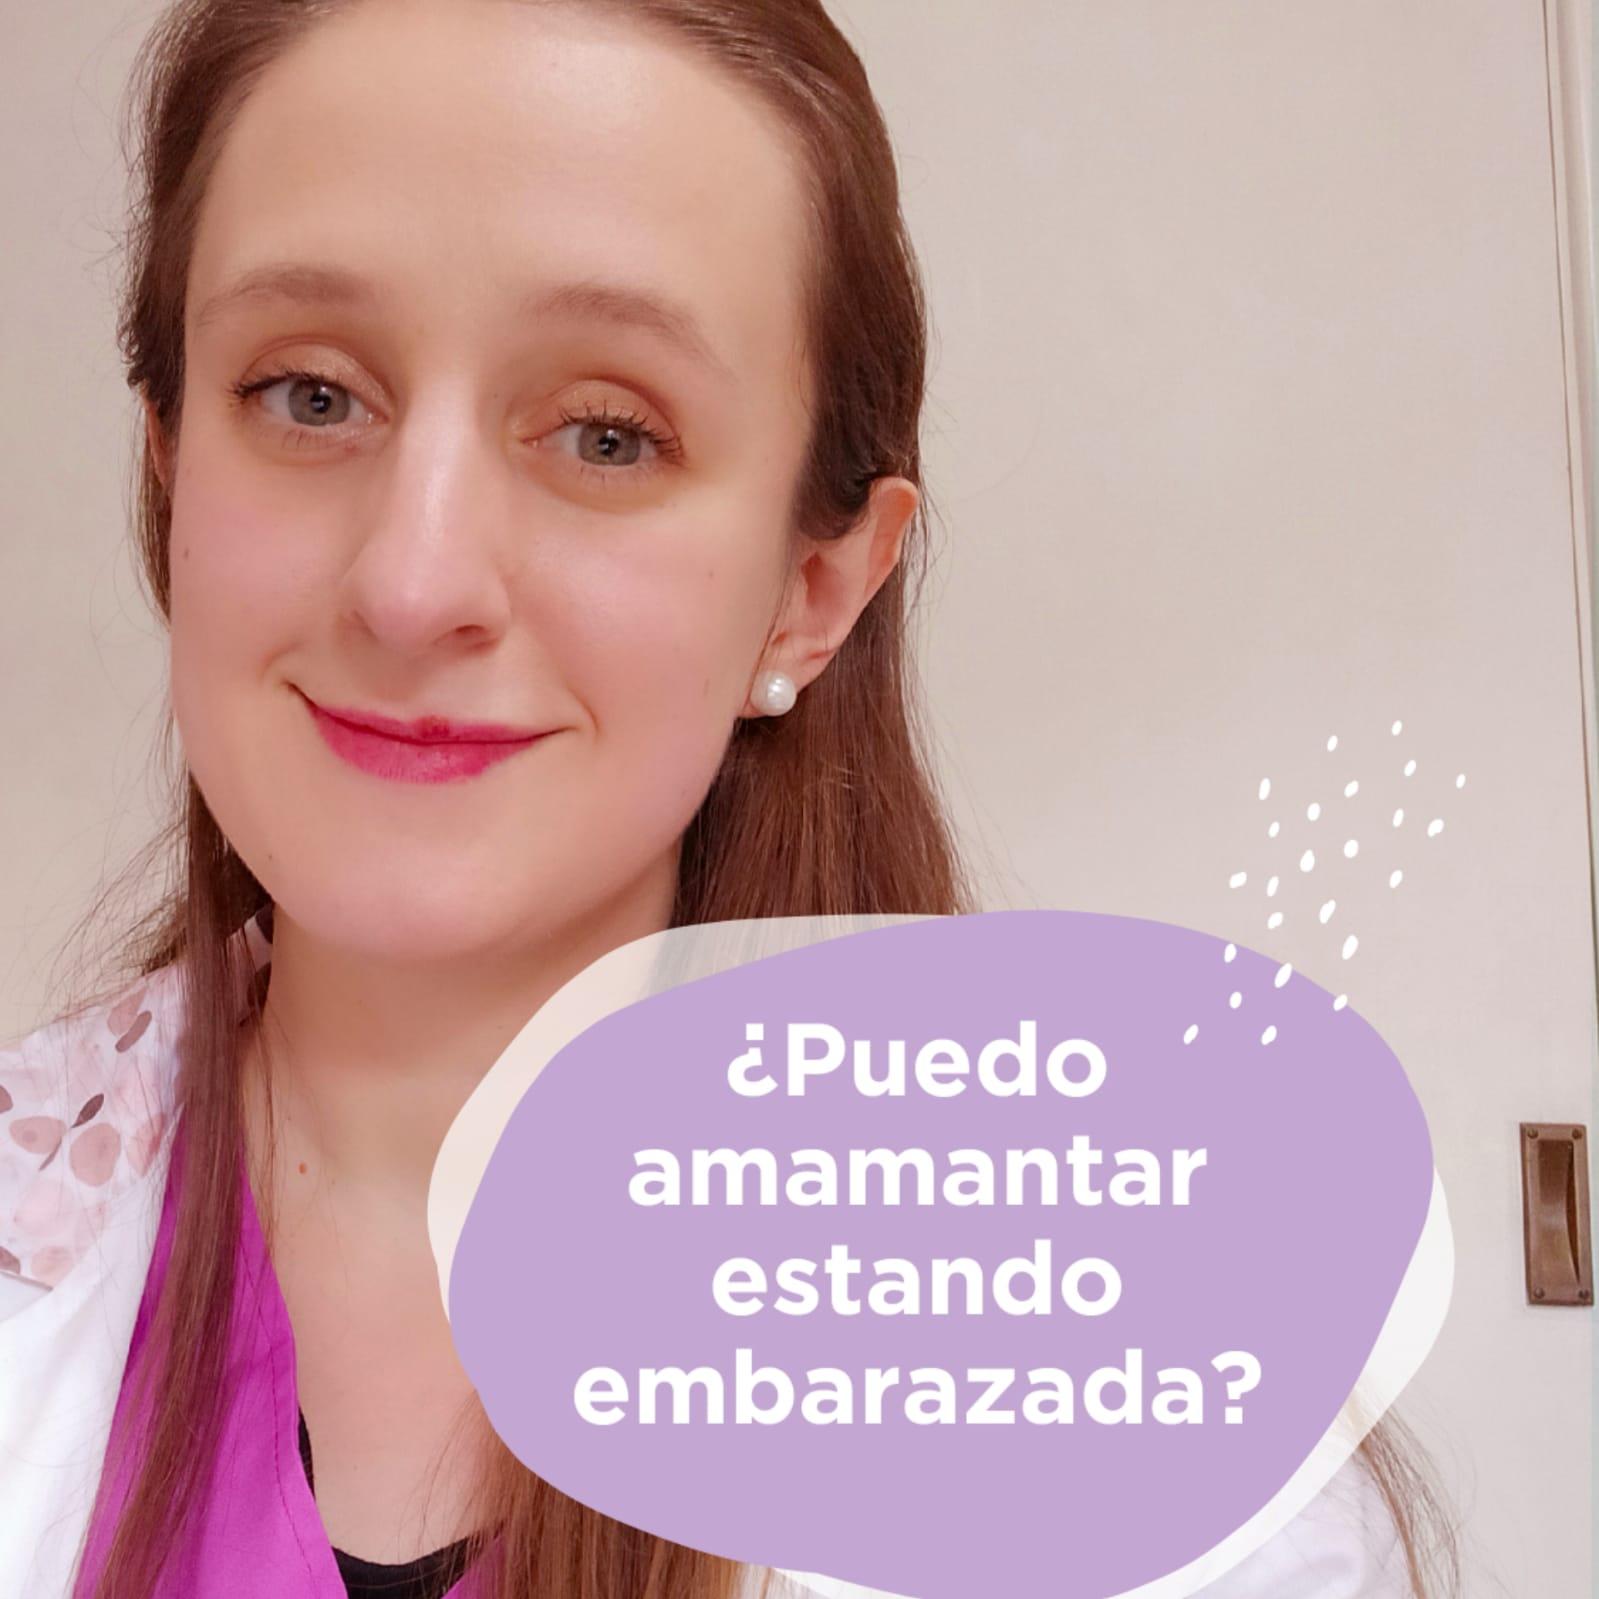 PUEDO AMAMANTAR ESTANDO EMBARAZADA